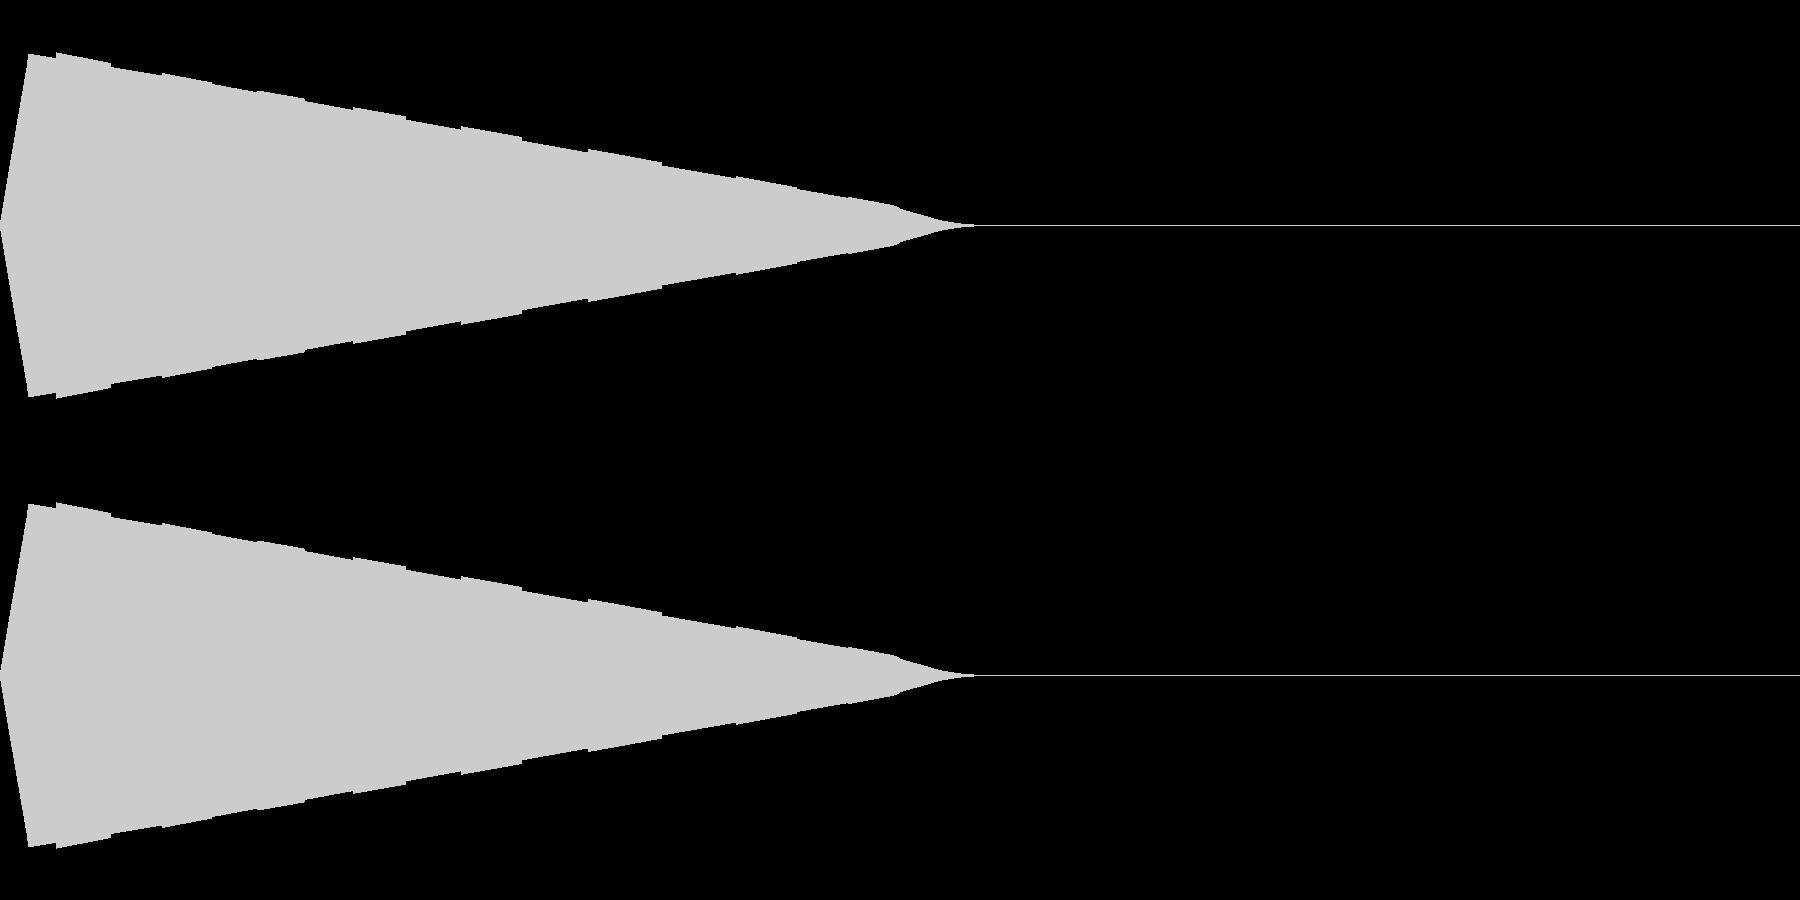 ピコン(決定/選択/かわいい/ピコピコ音の未再生の波形